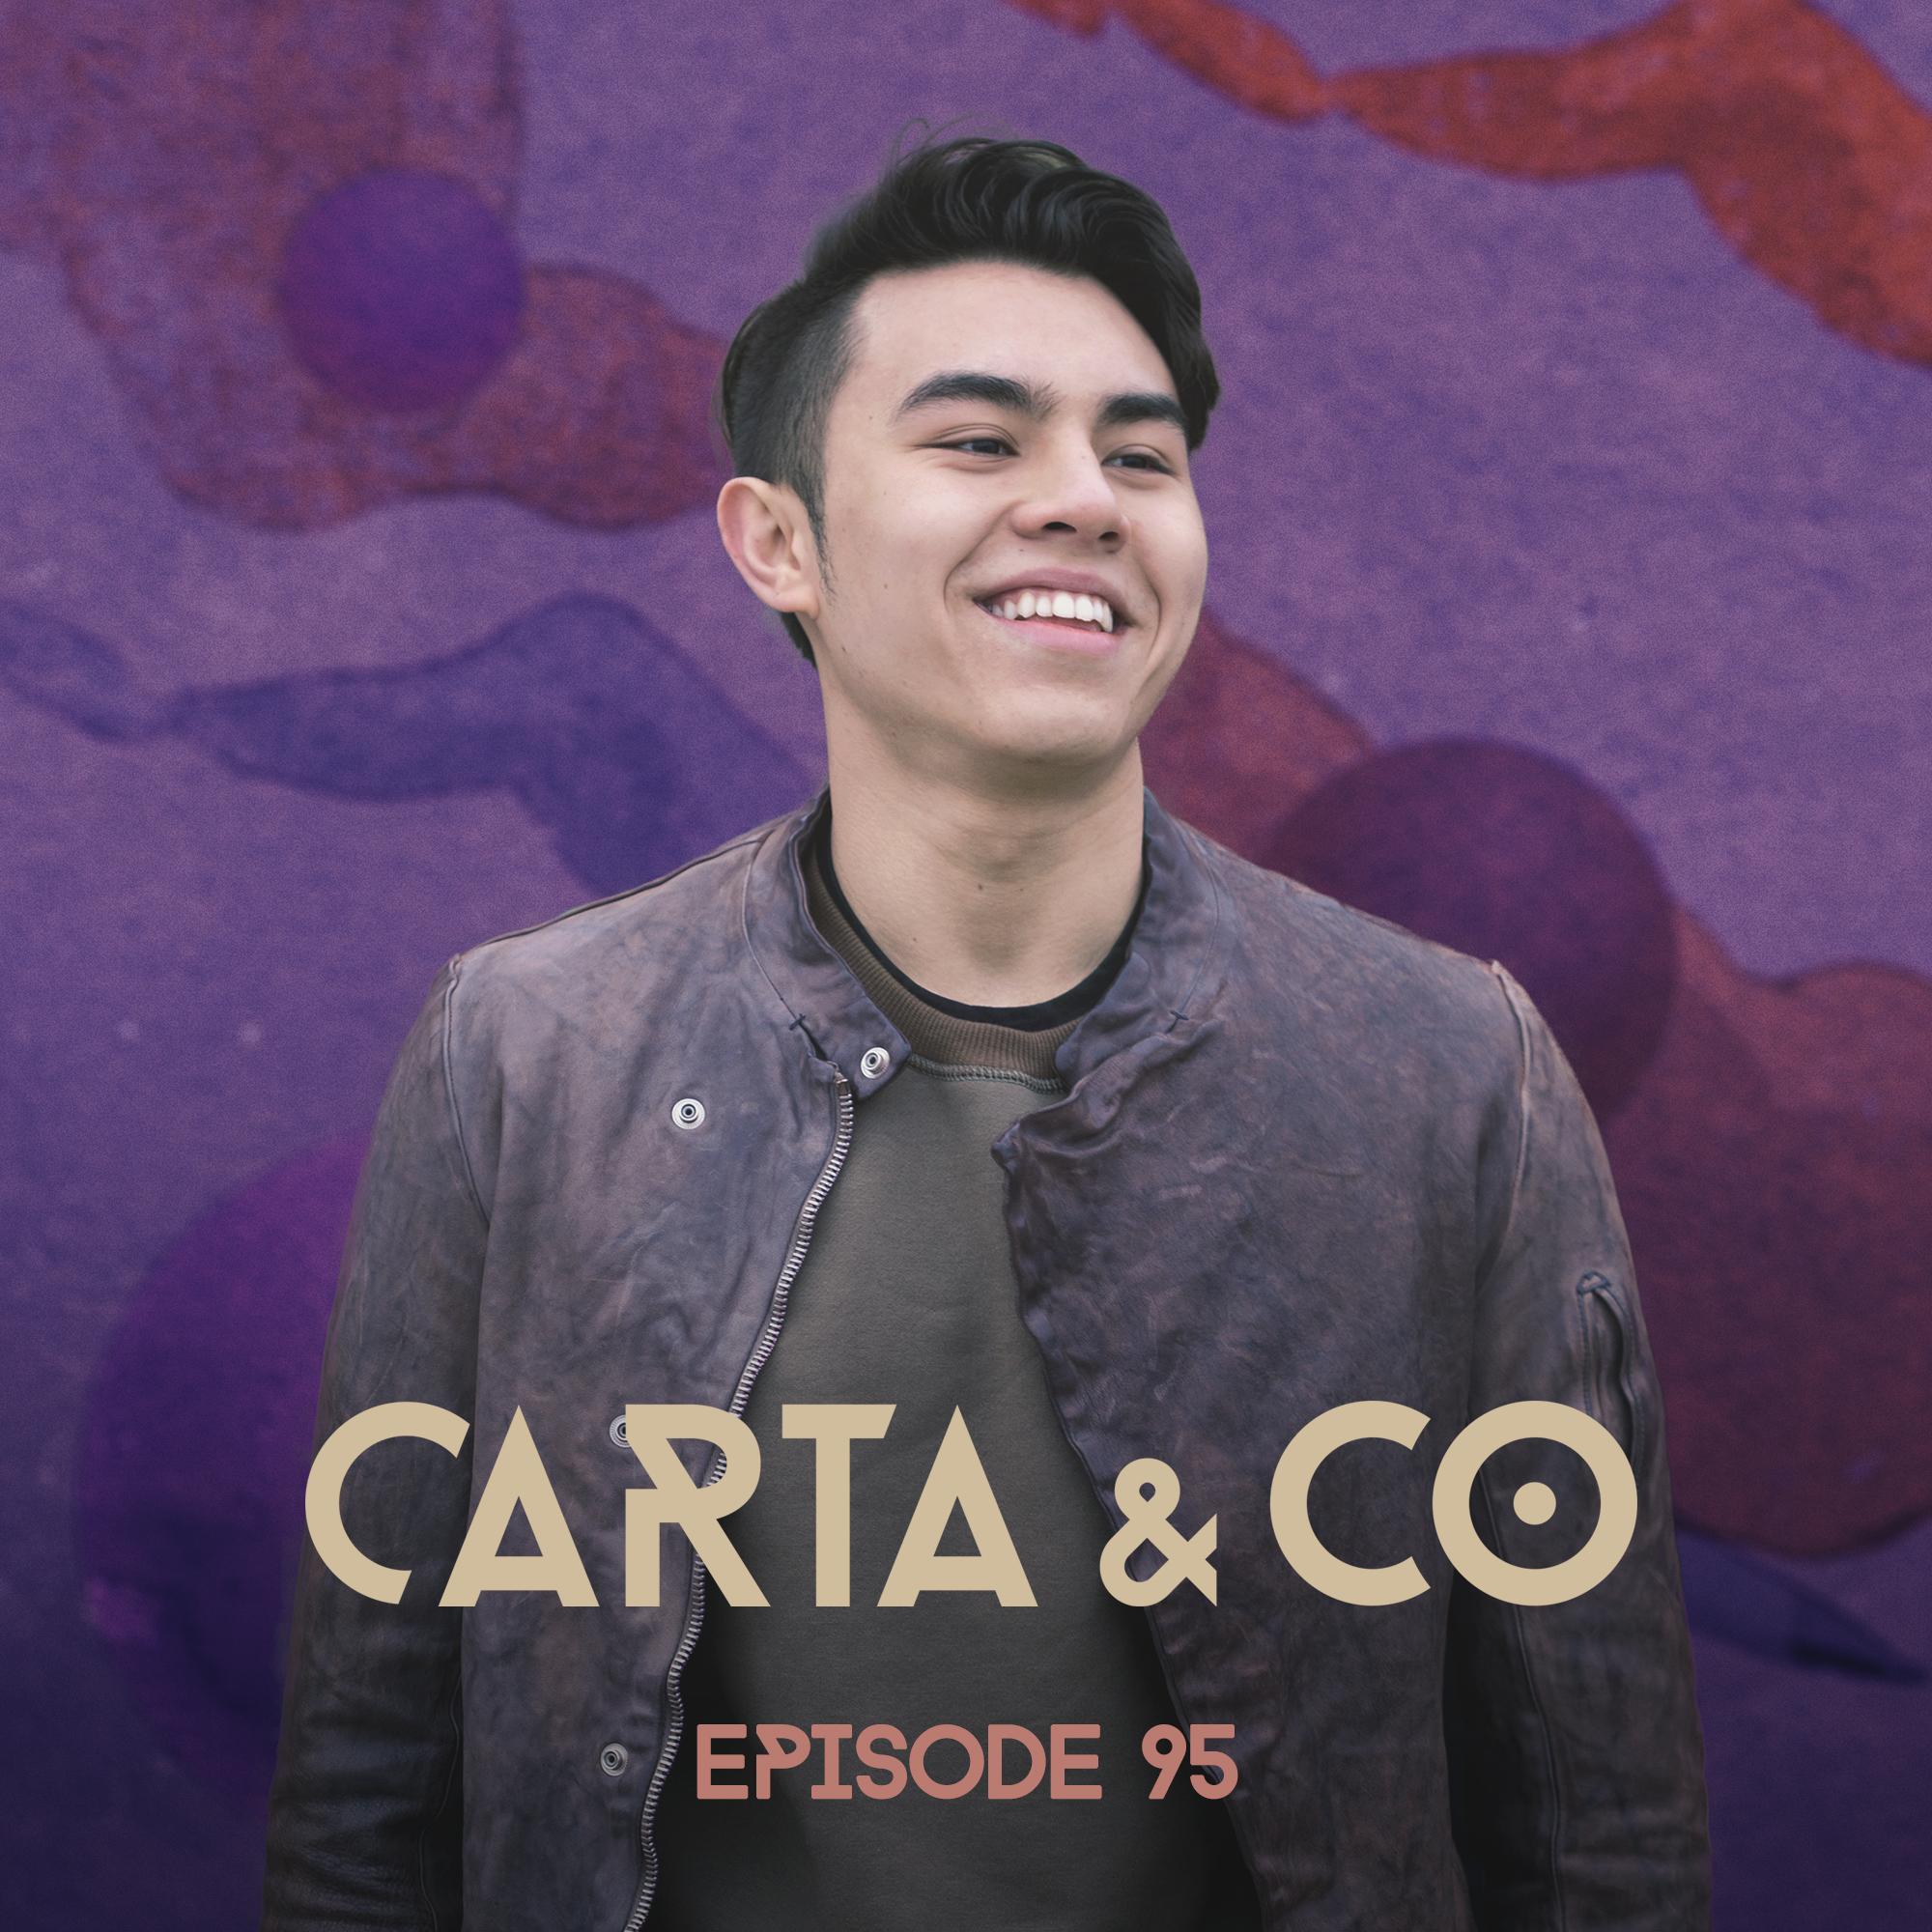 CARTA & CO - EPISODE 95